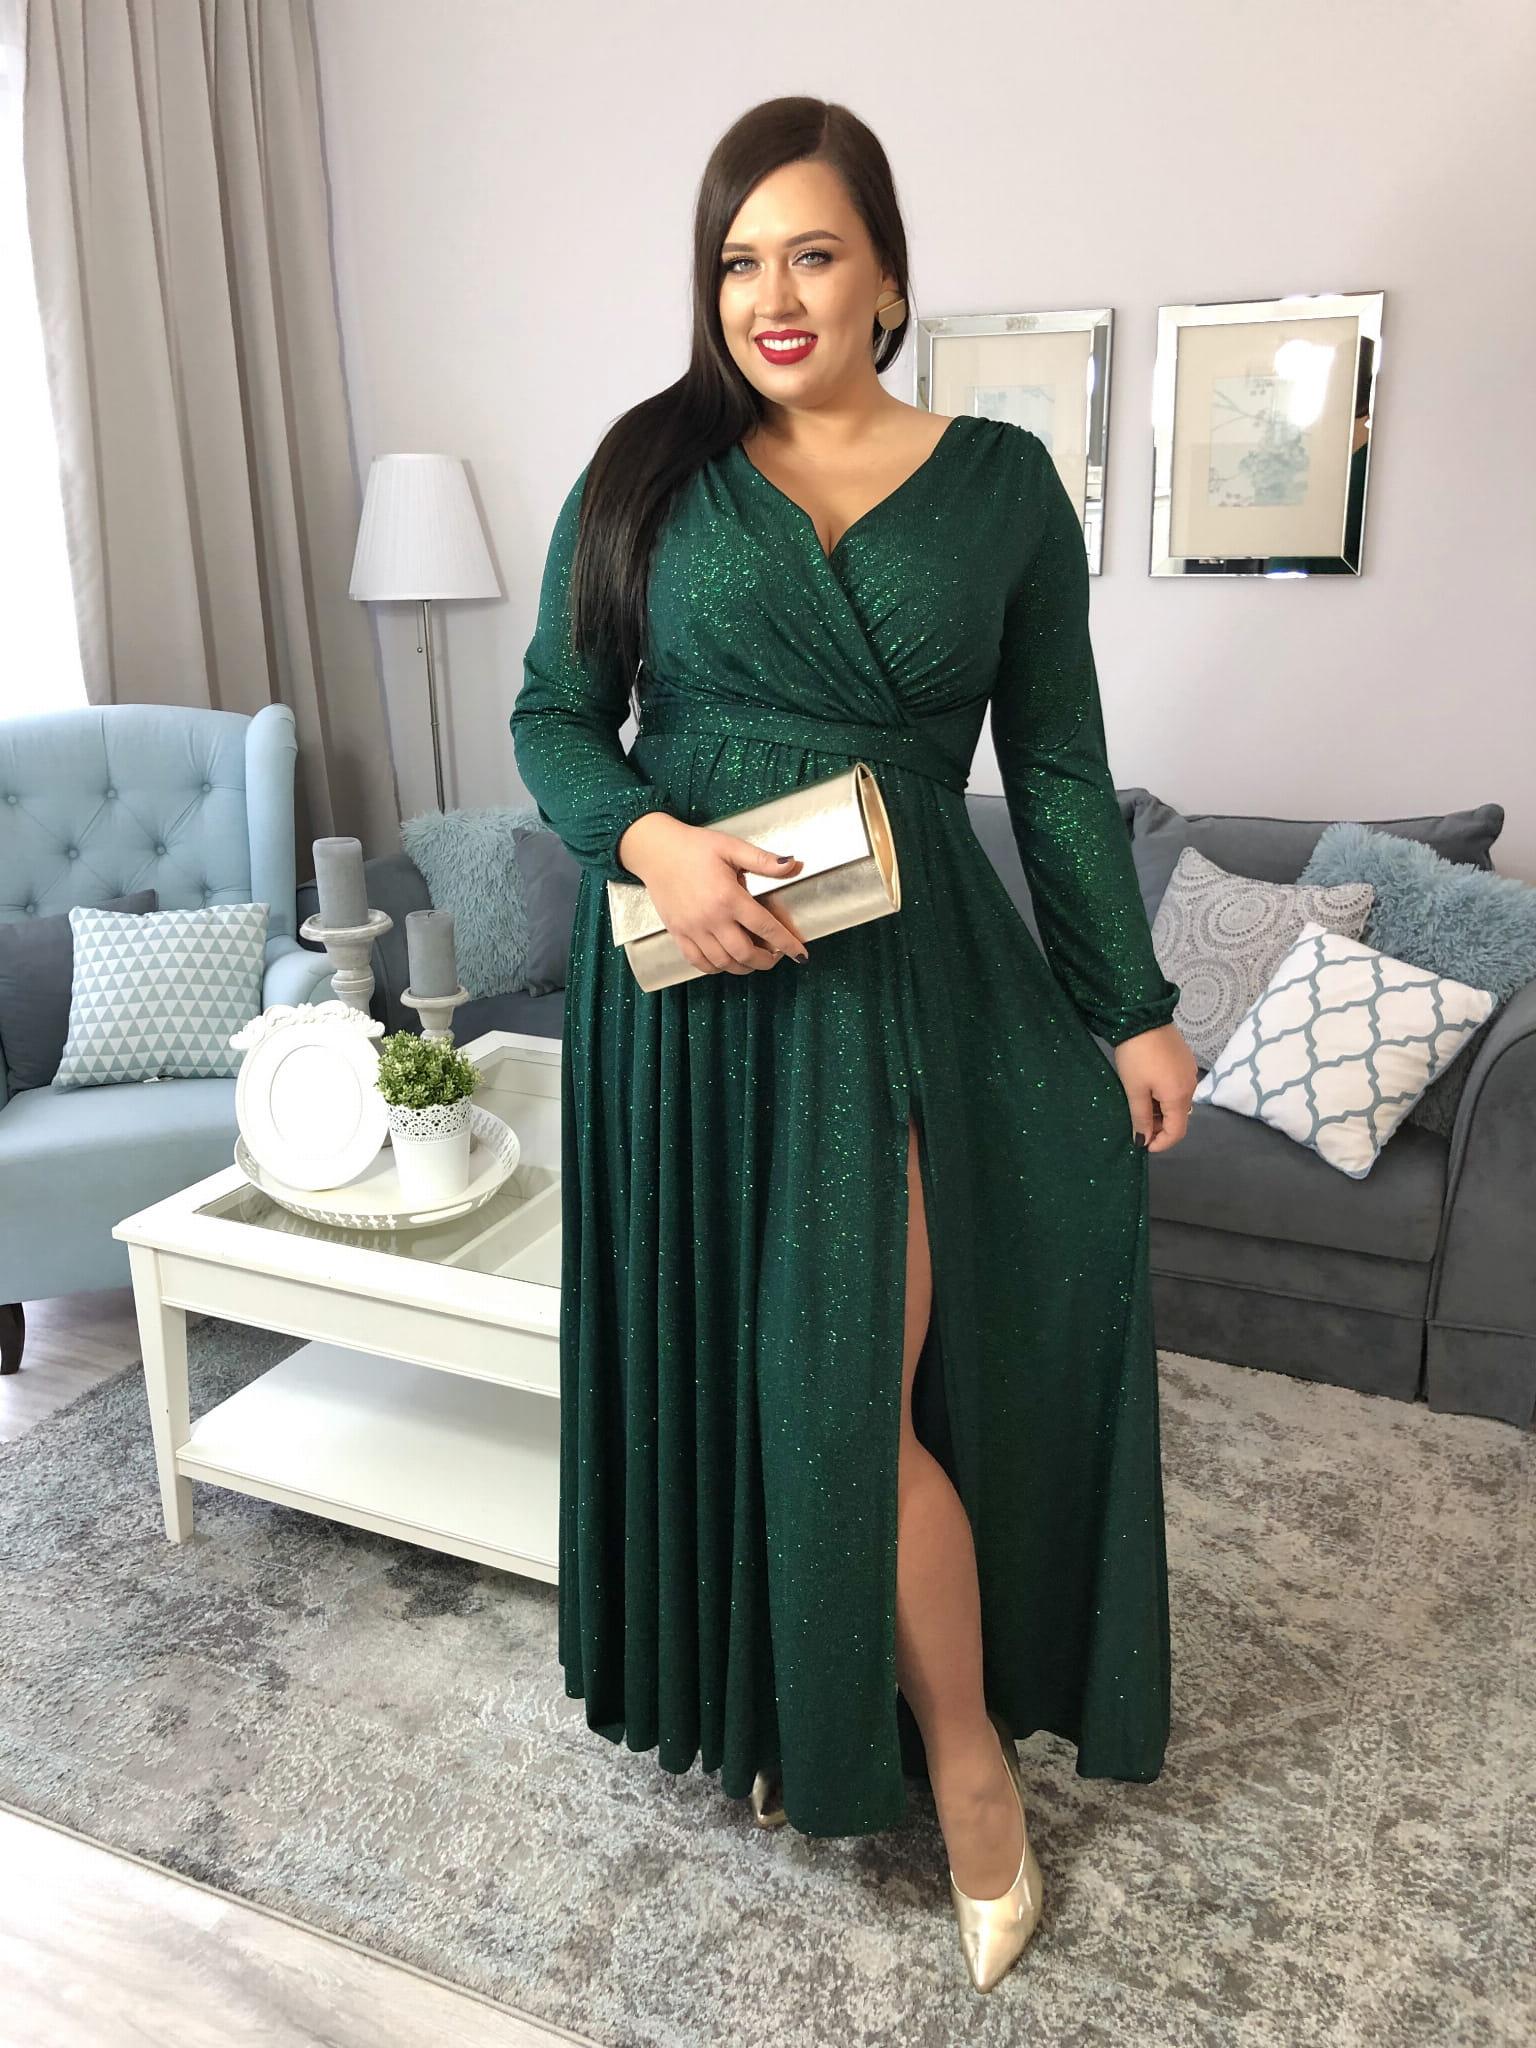 Logra Butelkowa Zieleń Brokat Sukienka Maxi z Długim Rękawem Sukienka XXL Plus Size Duży Rozmiar